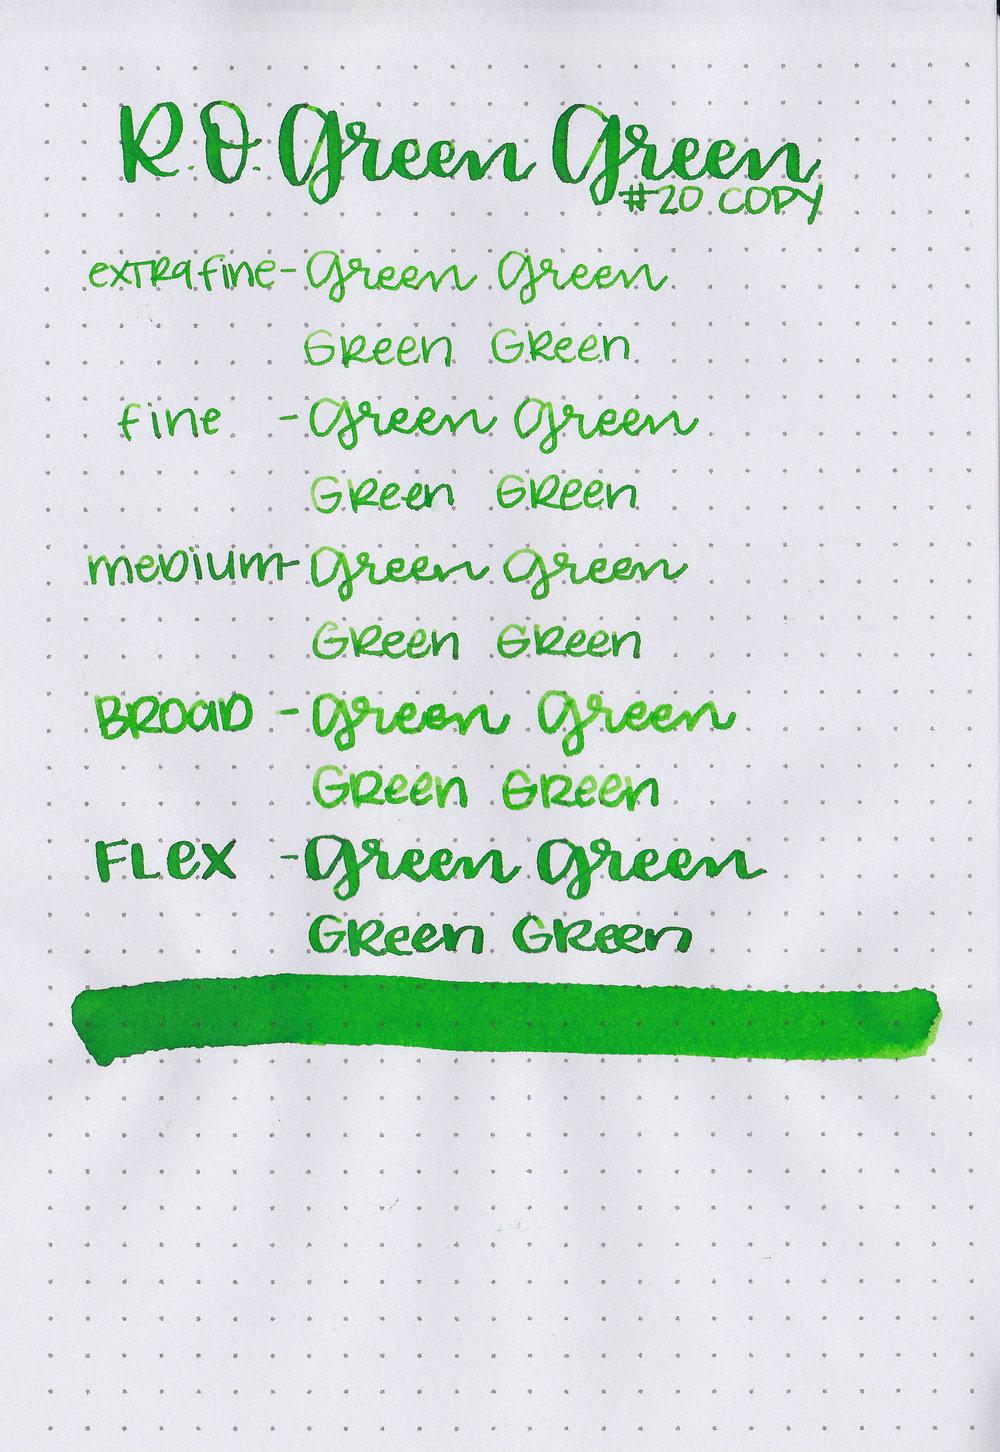 ro-green-green-17.jpg